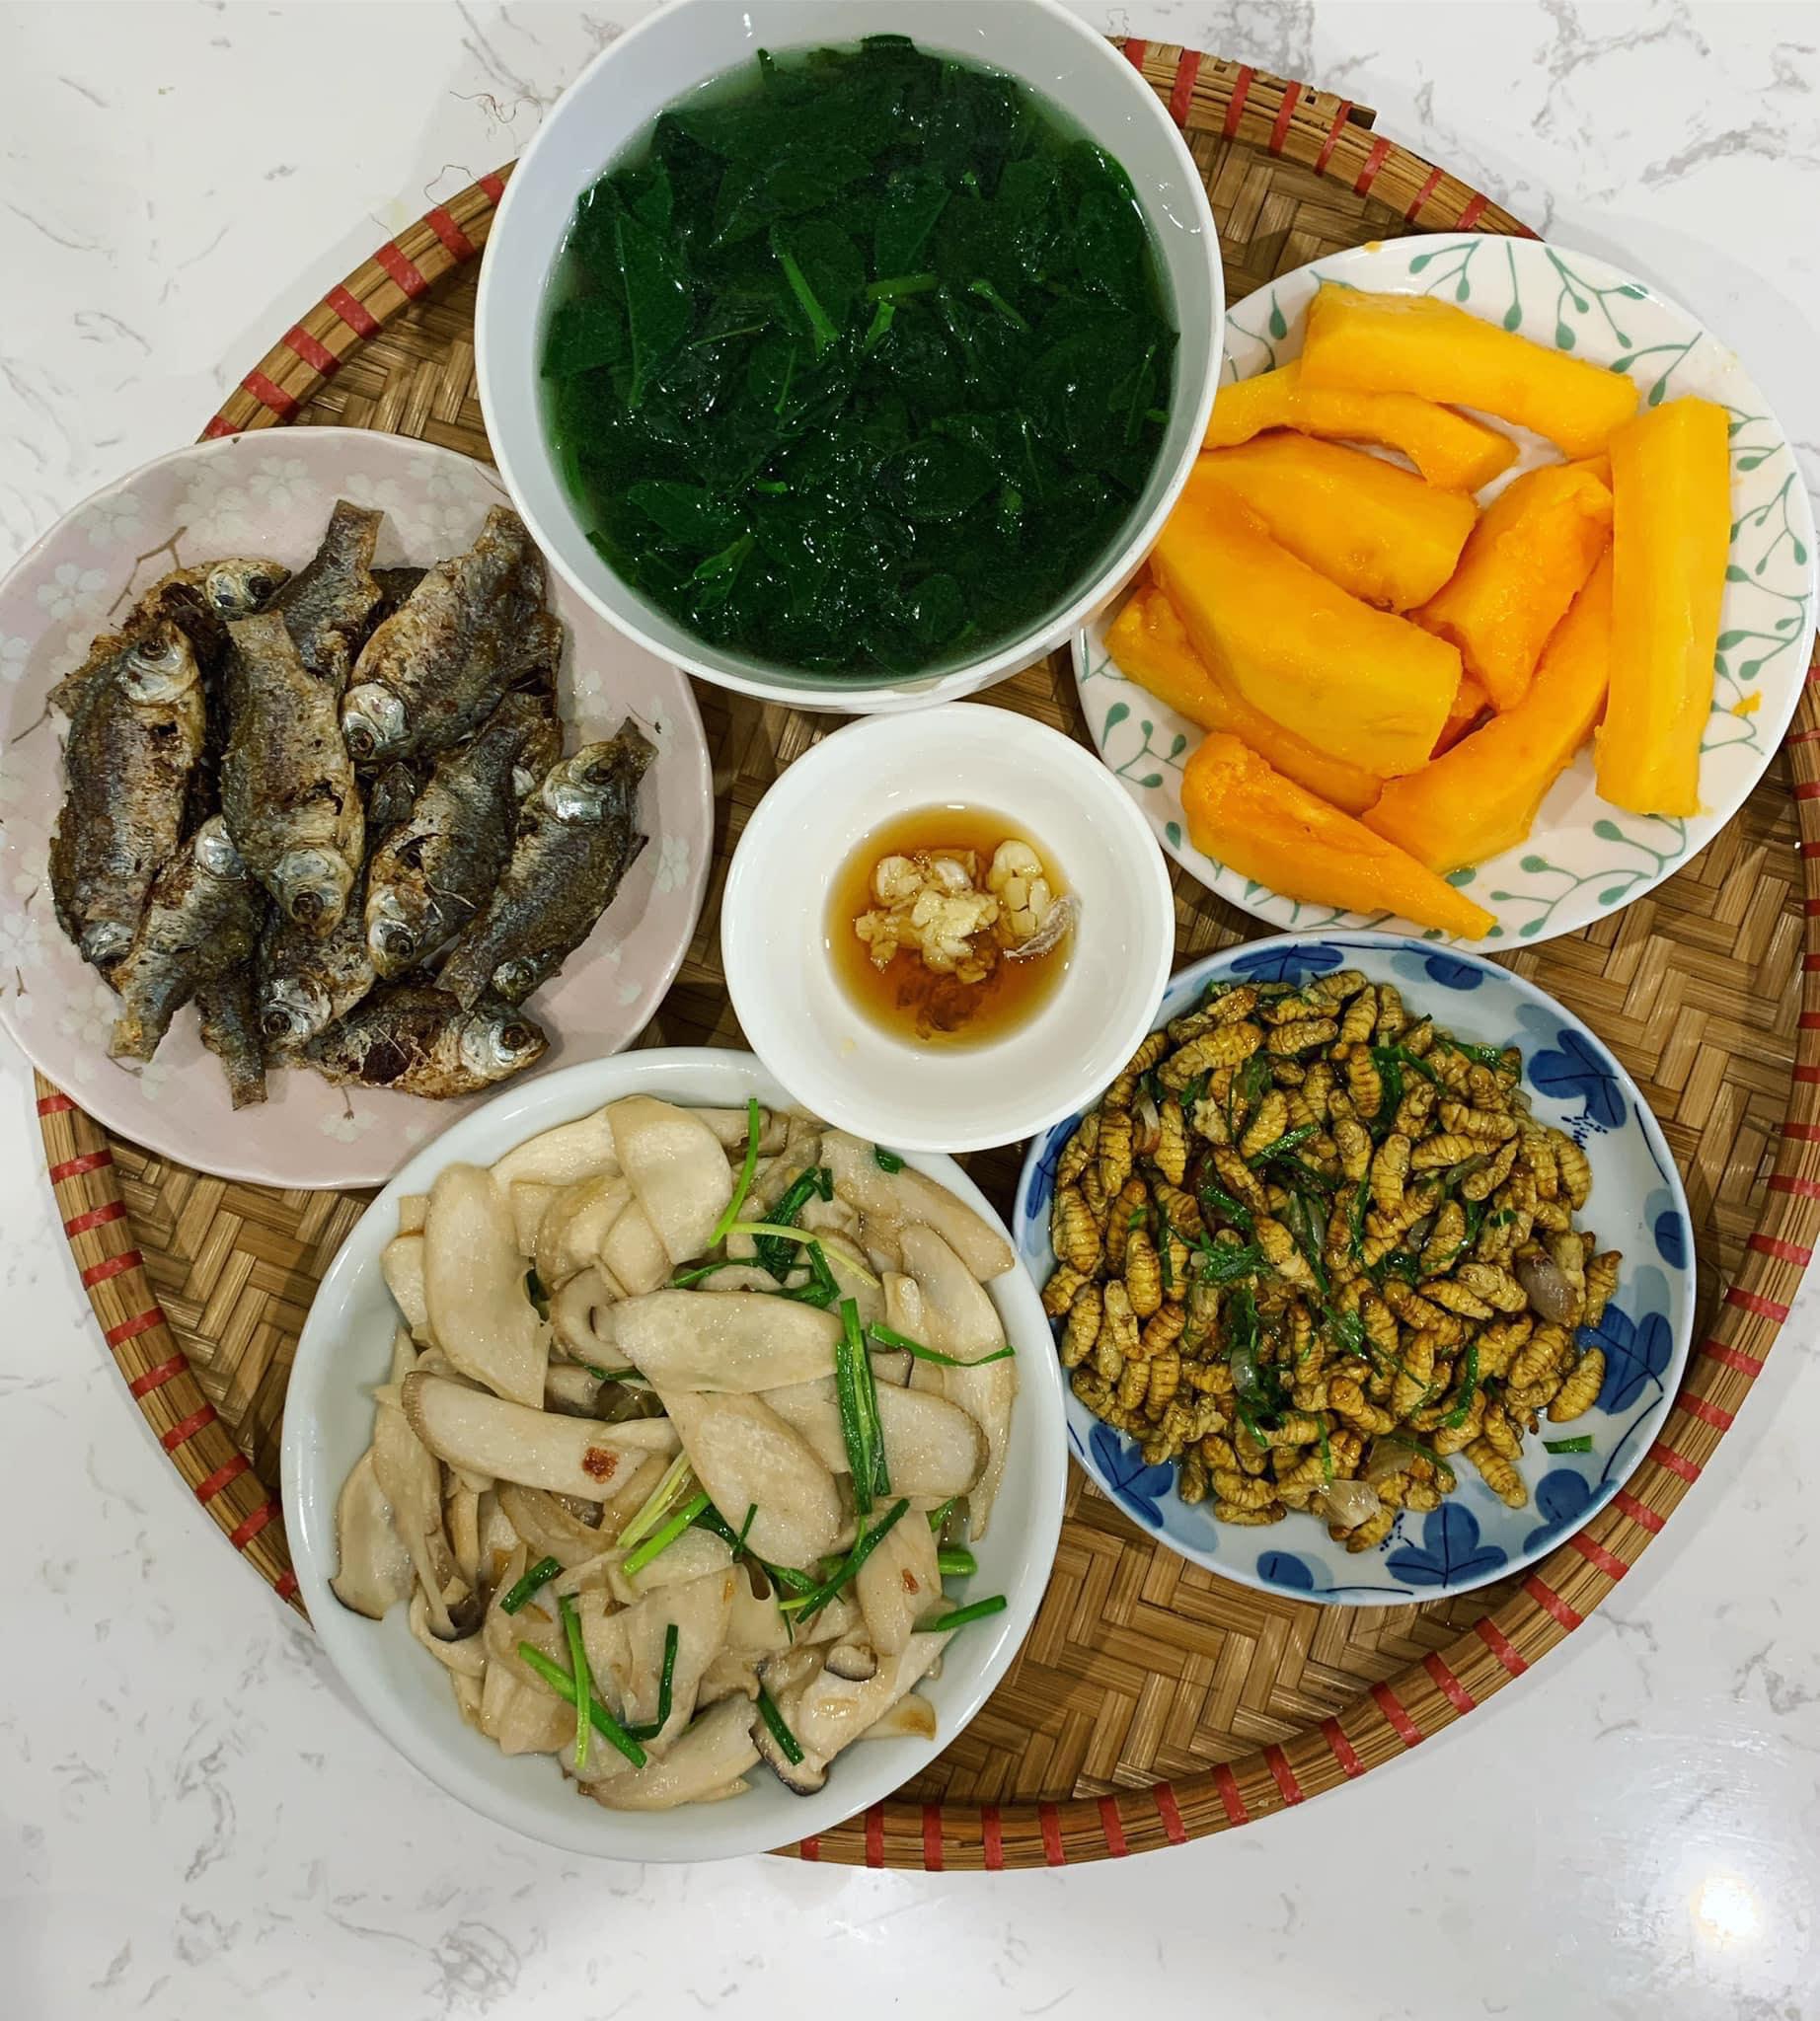 Chi phí chỉ từ 100k nhưng mỗi bữa cơm của bà nội trợ Hà Nội đều tươm tất đủ món thơm ngon, bổ dưỡng cho mọi thành viên gia đình - Ảnh 14.